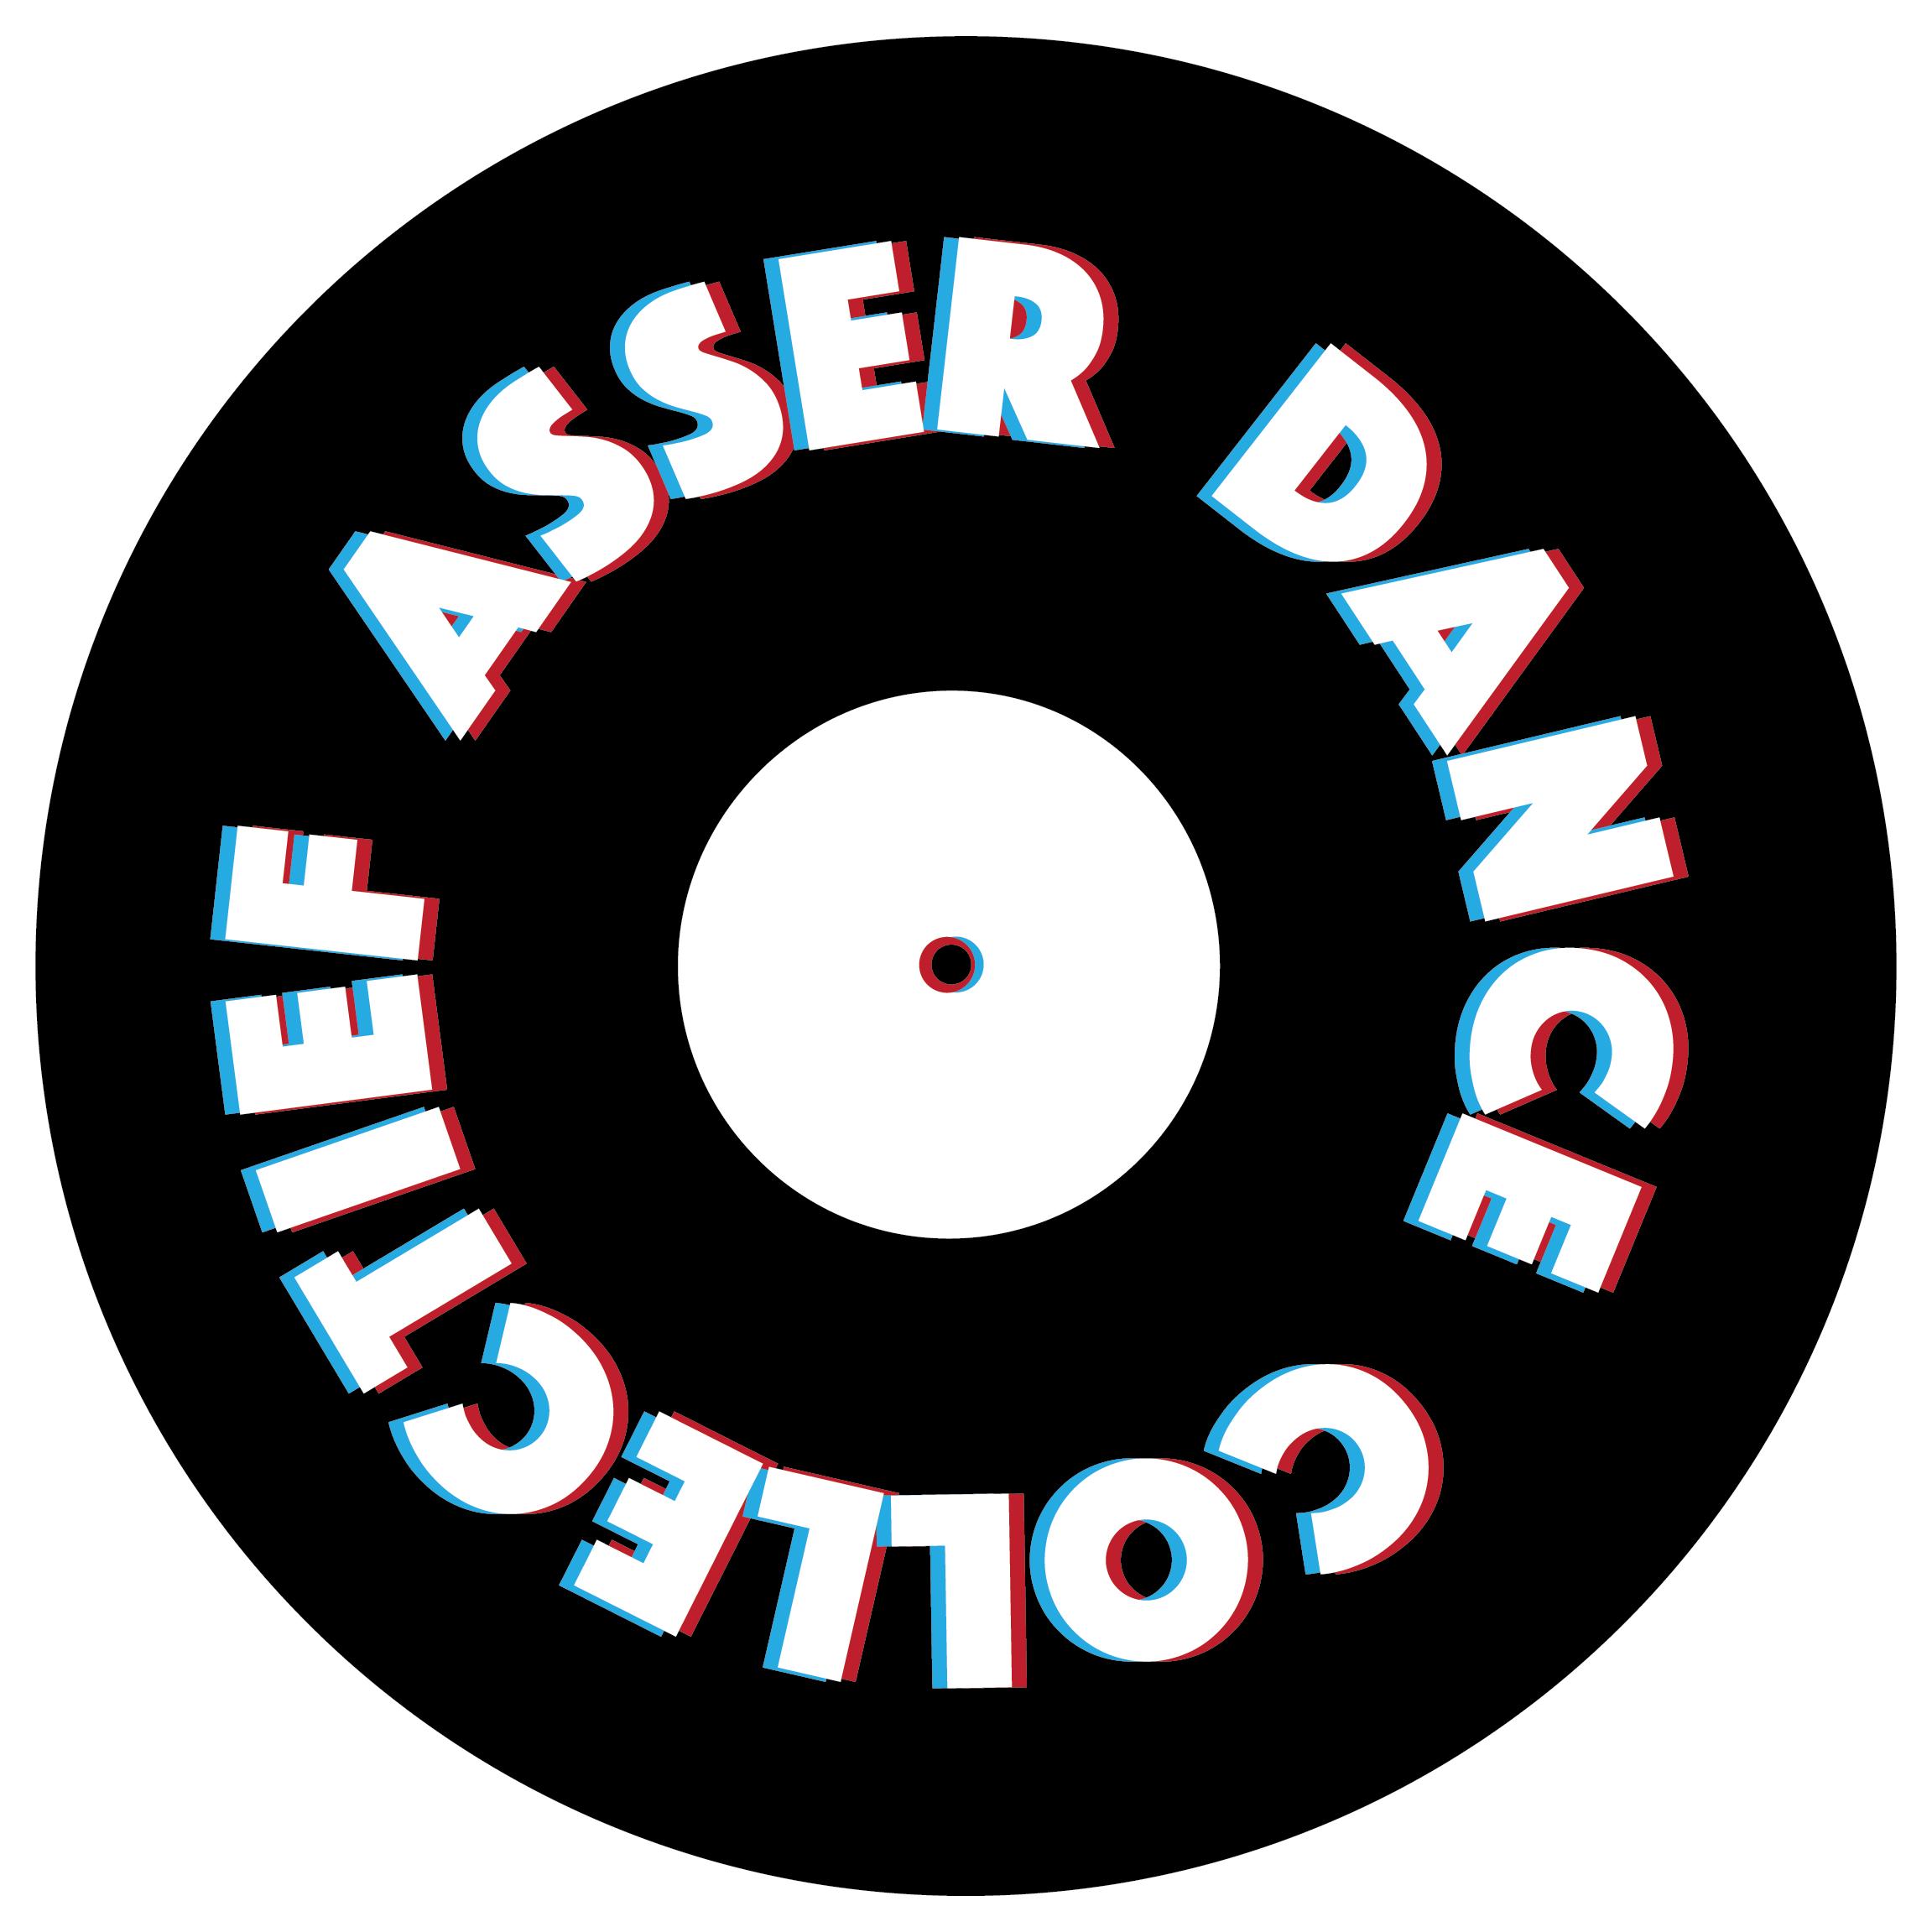 Netwerkmeeting Voor Asser Artiesten, Evenementenorganisatoren, Gemeente, Leveranciers En Horeca